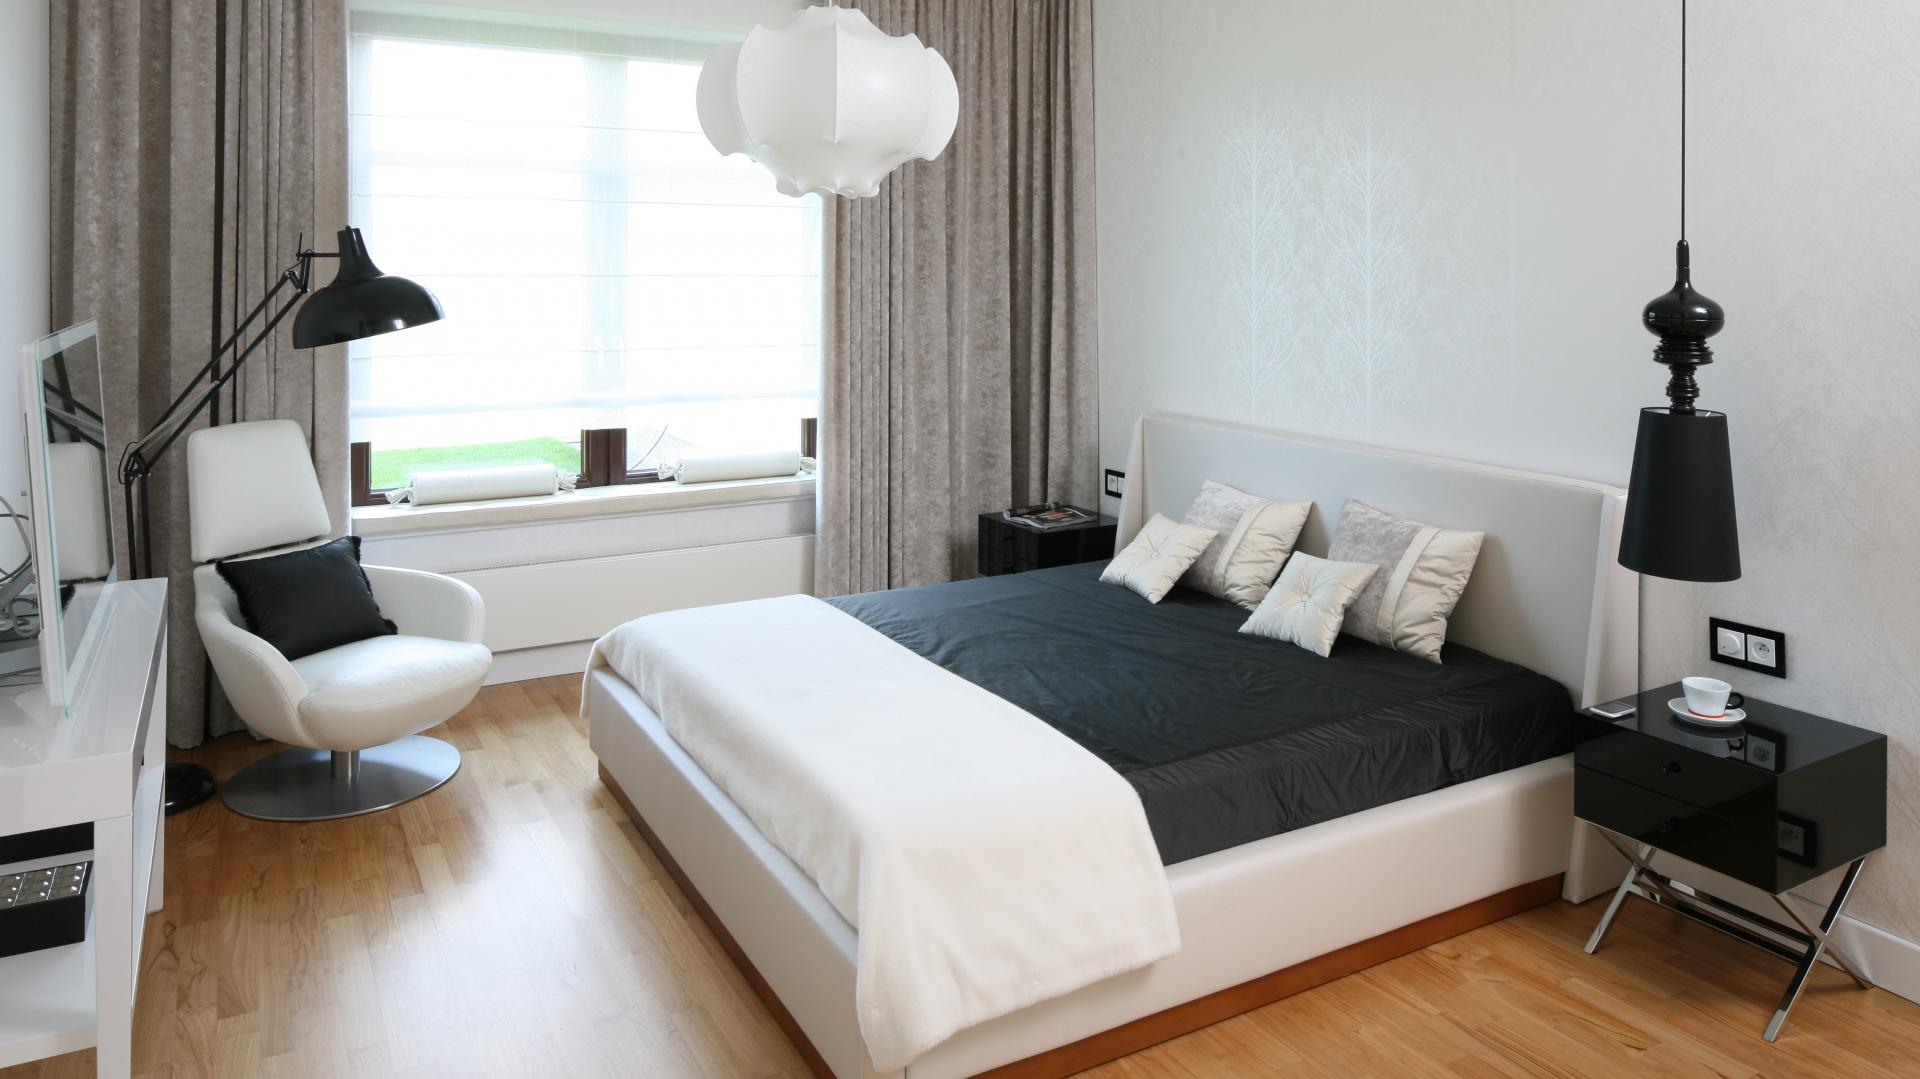 Sypialnia Według Feng Shui Tak Ją Urządzisz